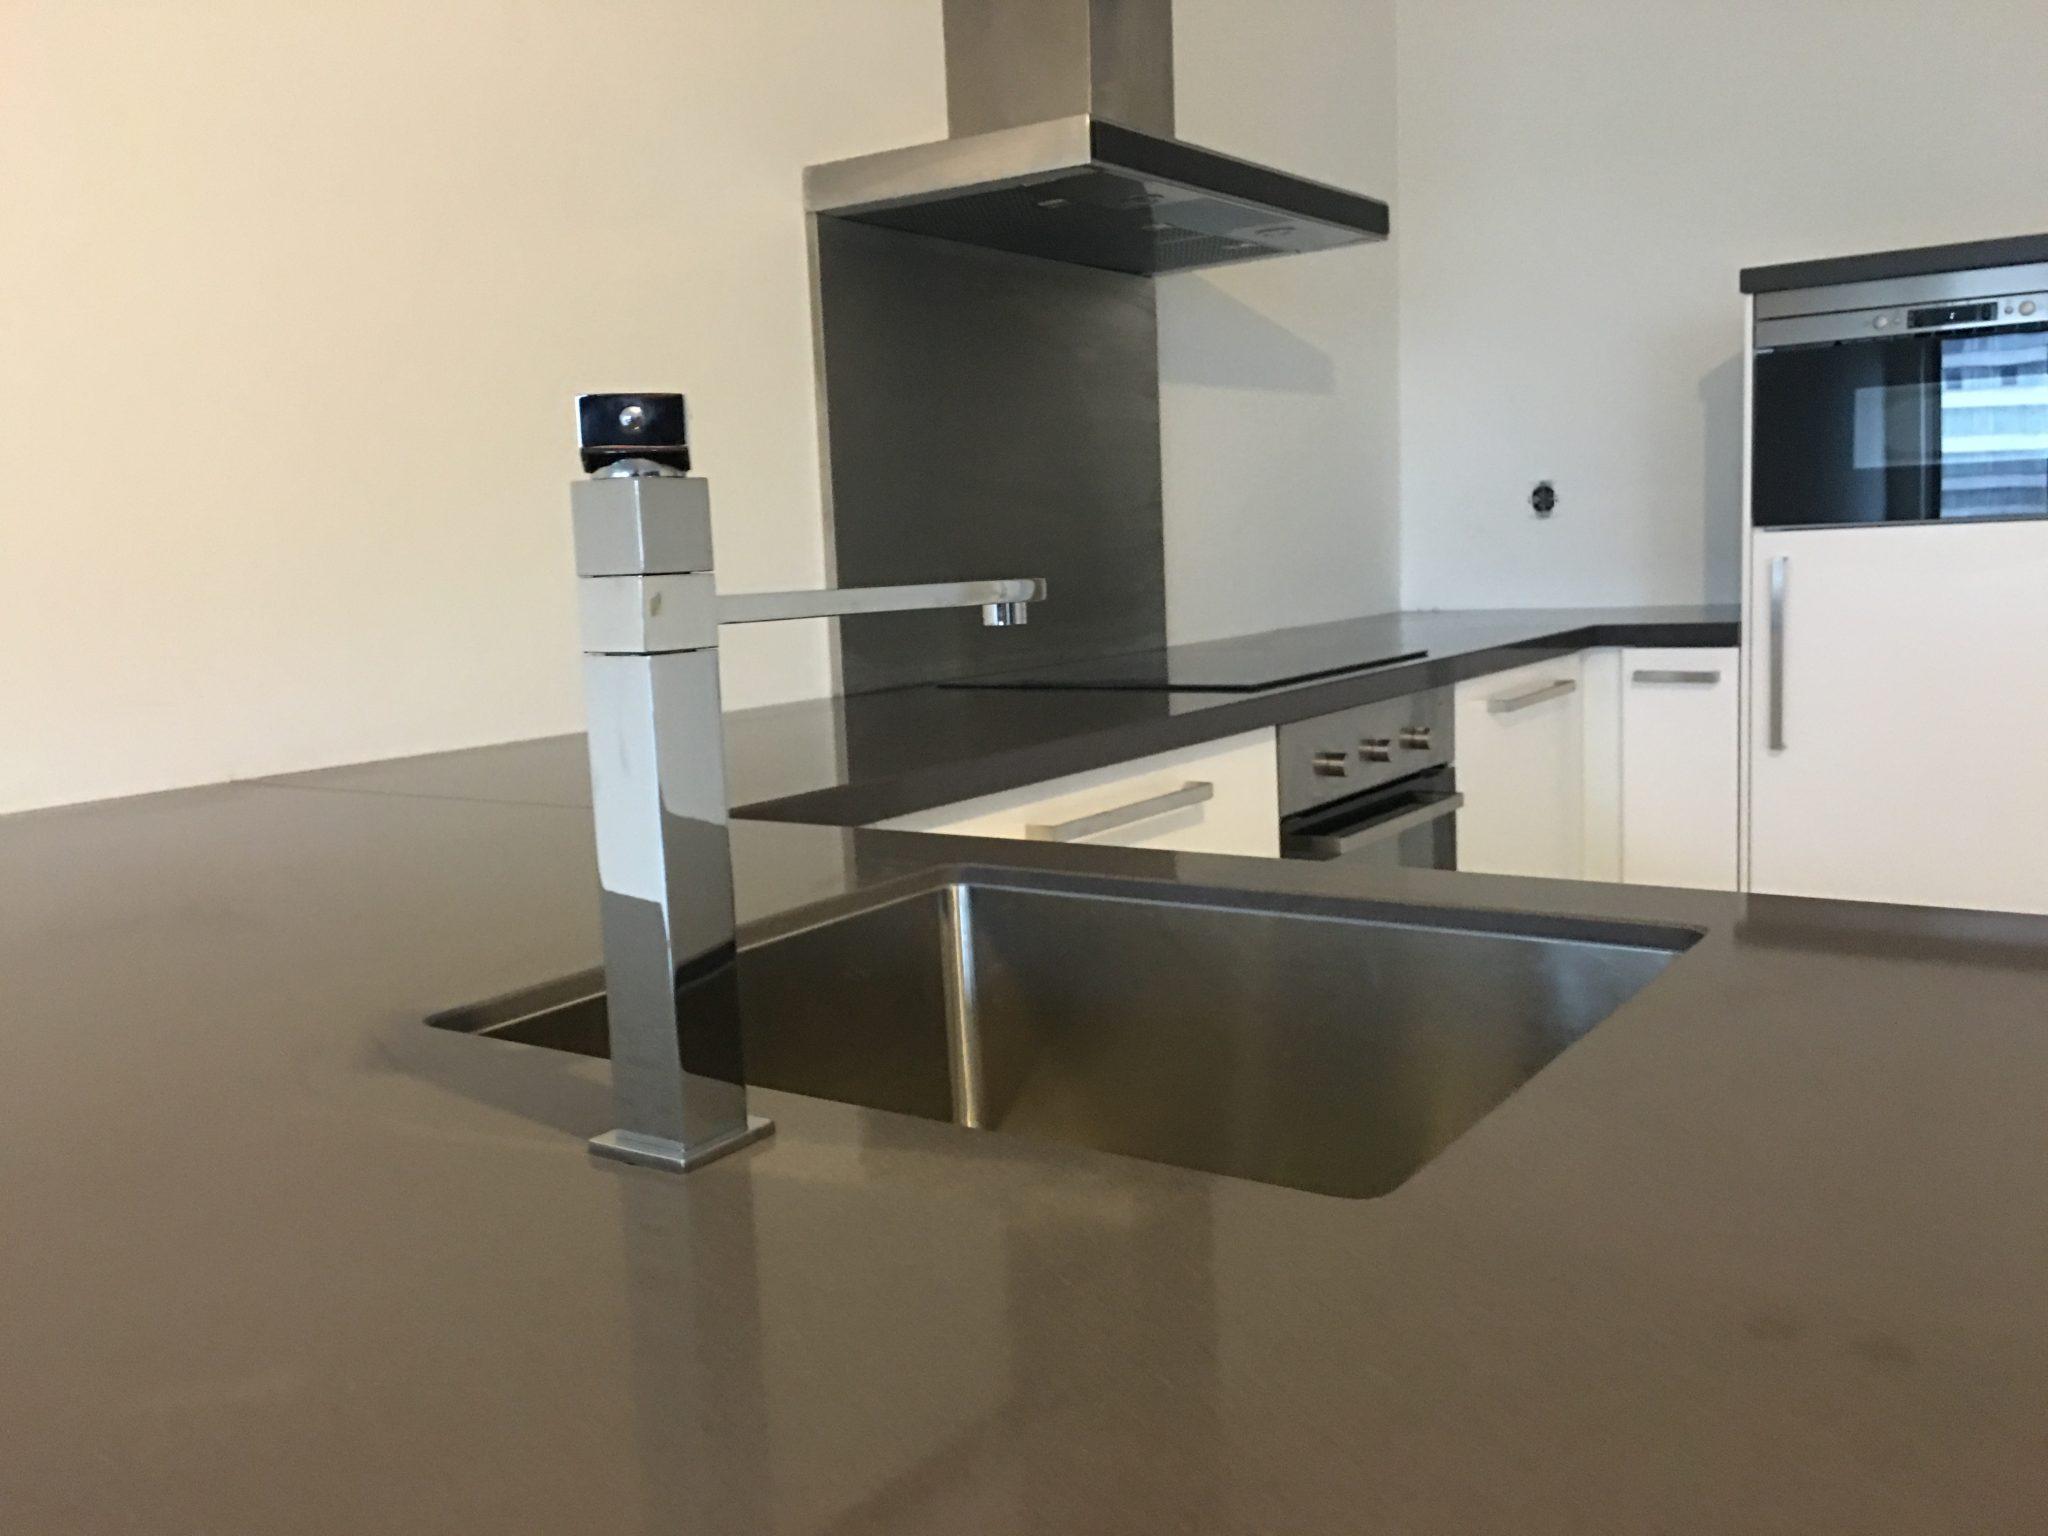 Ikea Keuken Installeren : Marco rietdijk keukenmontage keukenmontage rotterdam